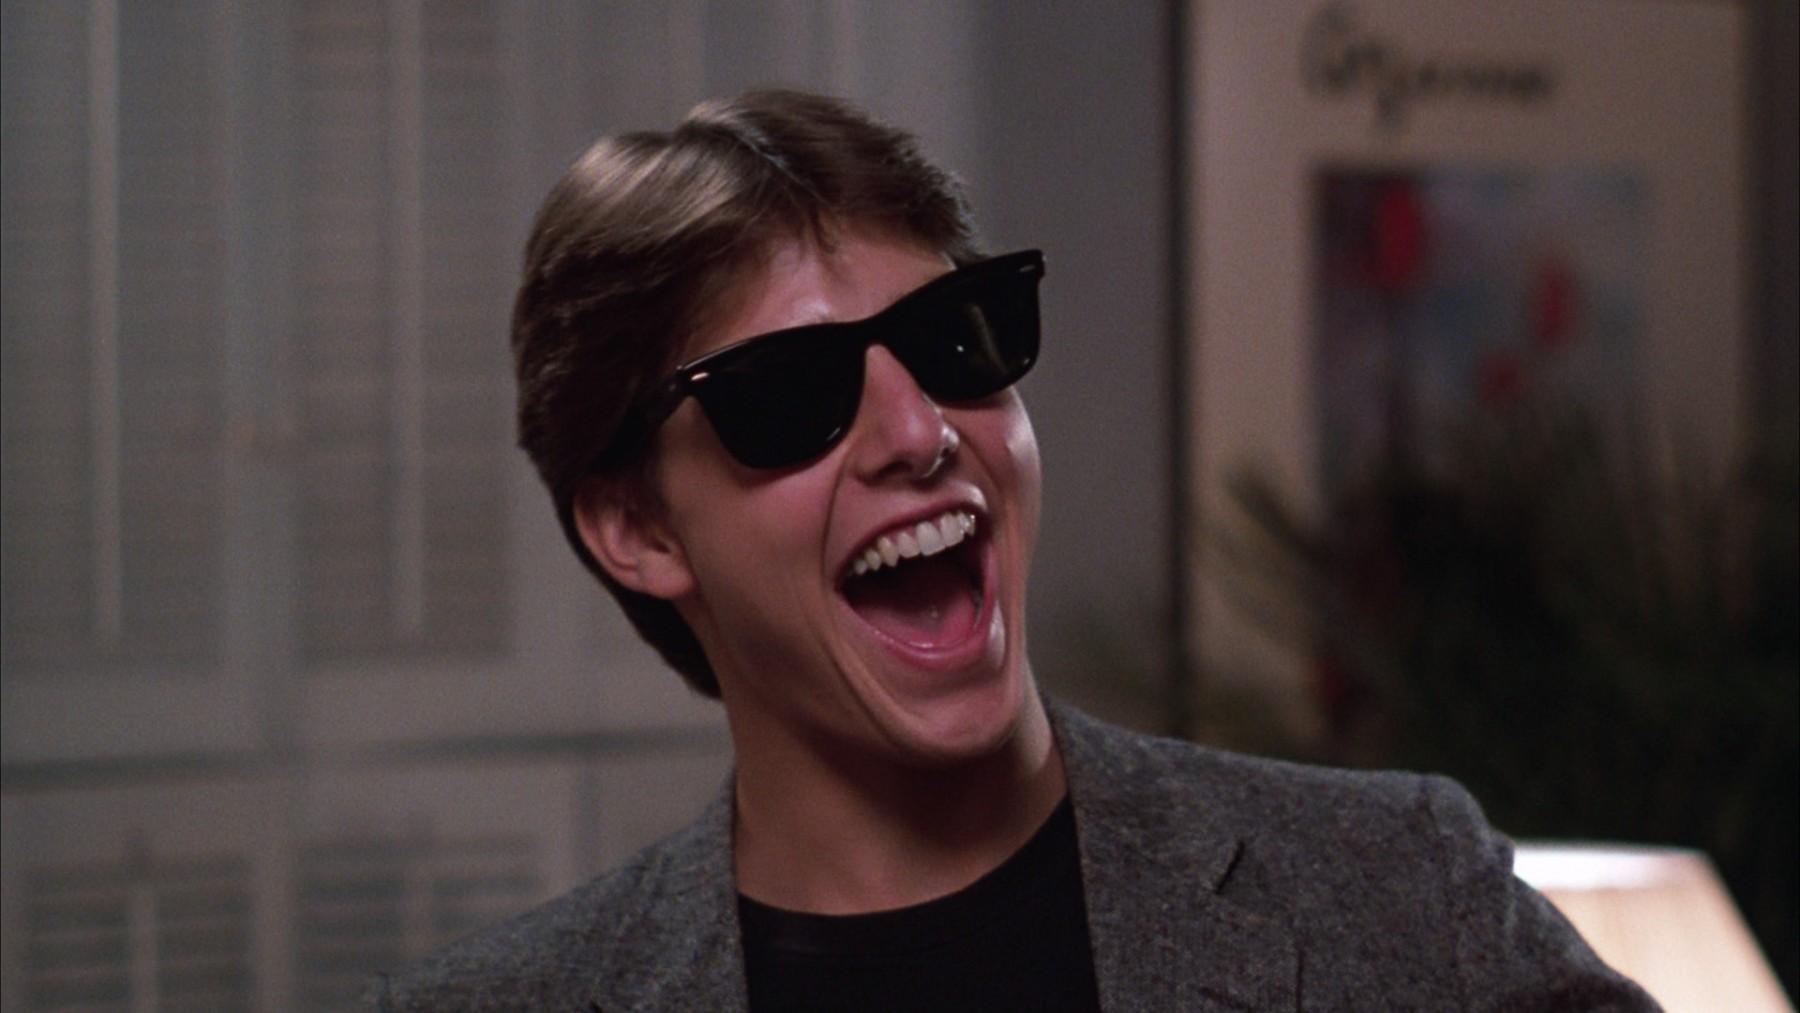 Risky Business (1986) - Sobre tomar riesgos y vivir. | Reseña en Cinema  para Promedios